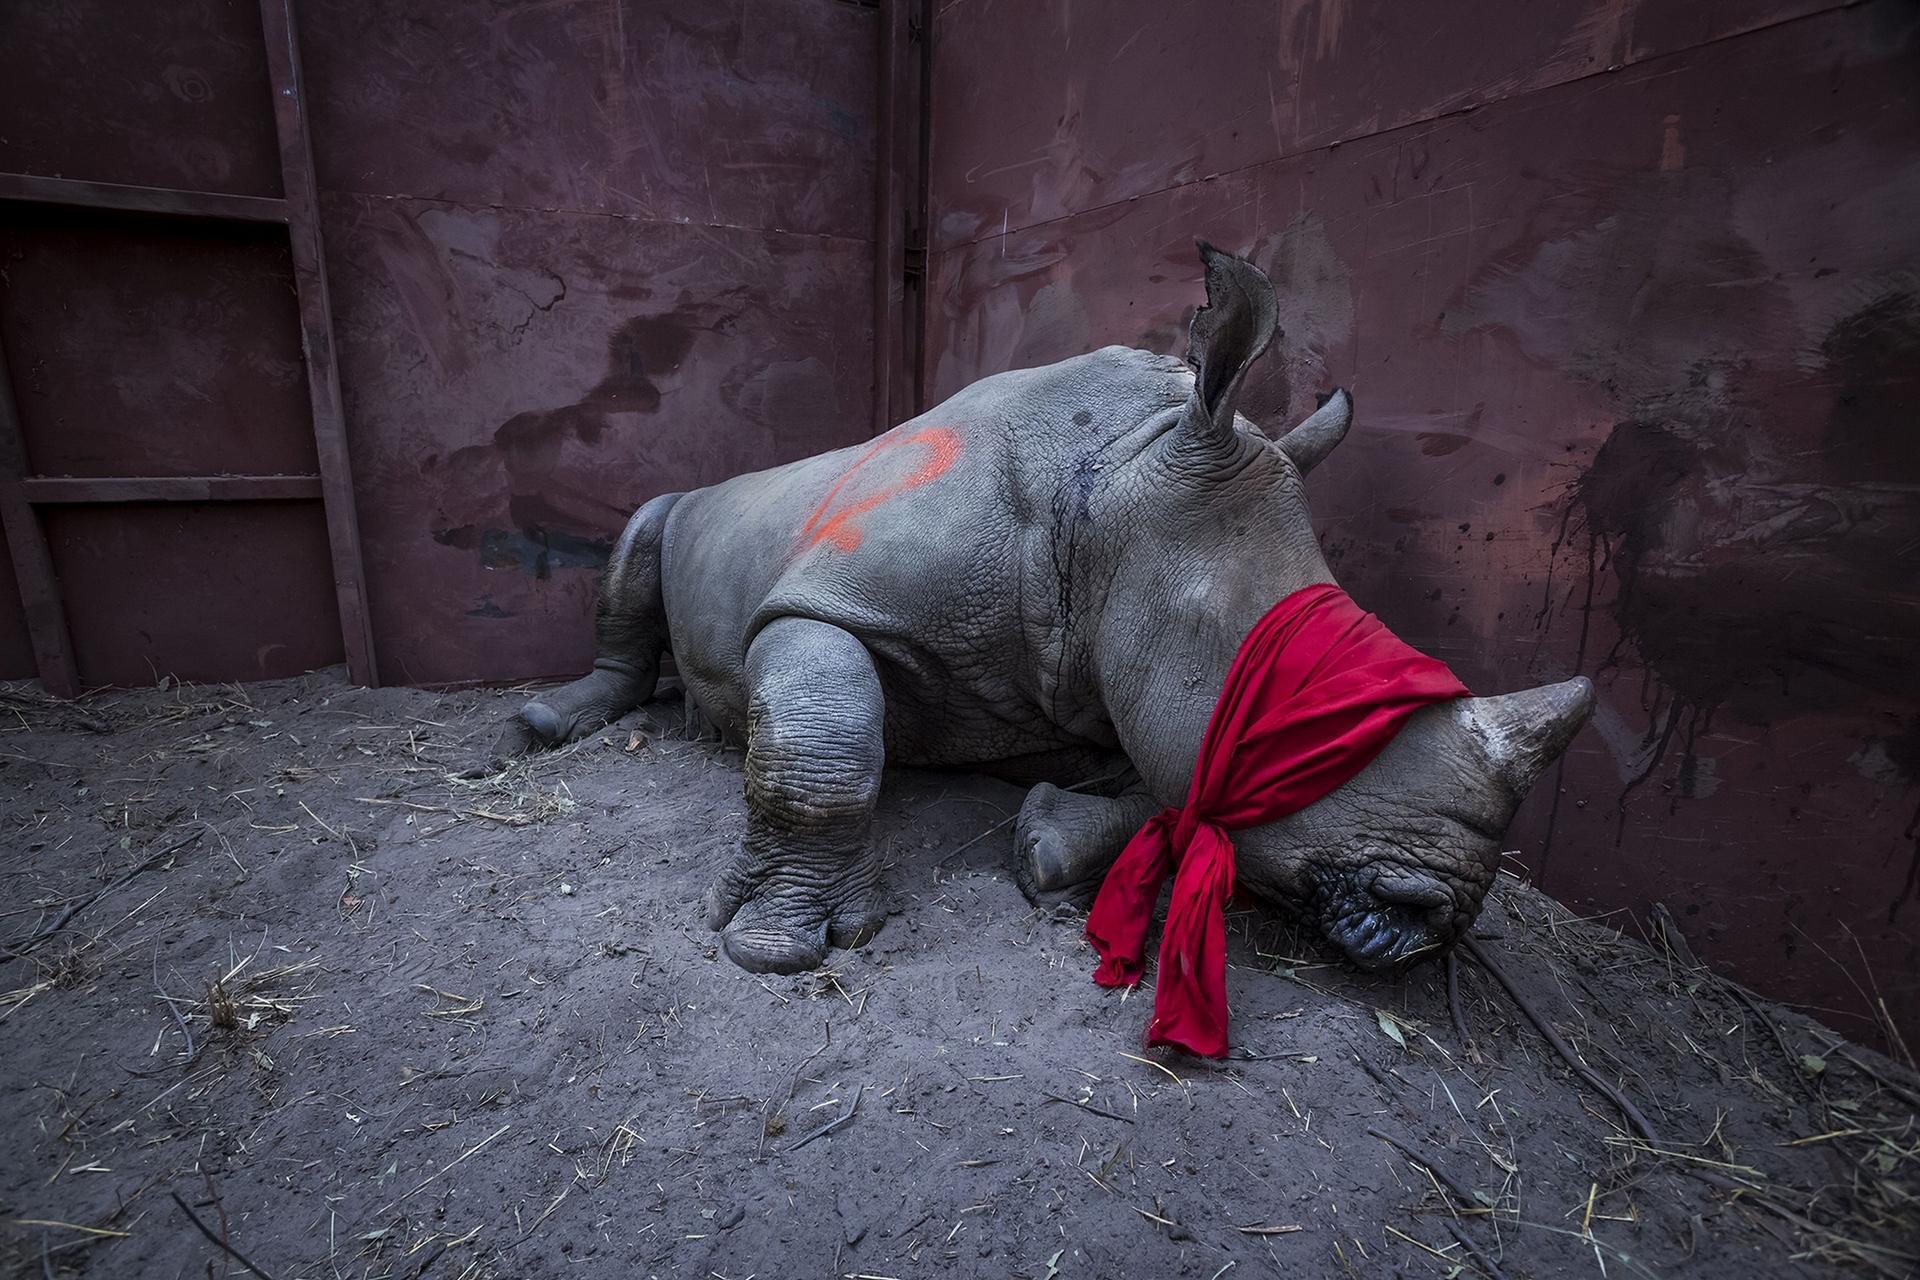 這頭蒙上雙眼的年輕白犀牛(white rhinoceros)正要從南非運往波札那的野外。途中,工作人員為牠施打了局部麻醉。波札那正在從鄰國的盜獵熱點拯救犀牛,並設法將牠們轉移,好恢復波札那的犀牛數量。